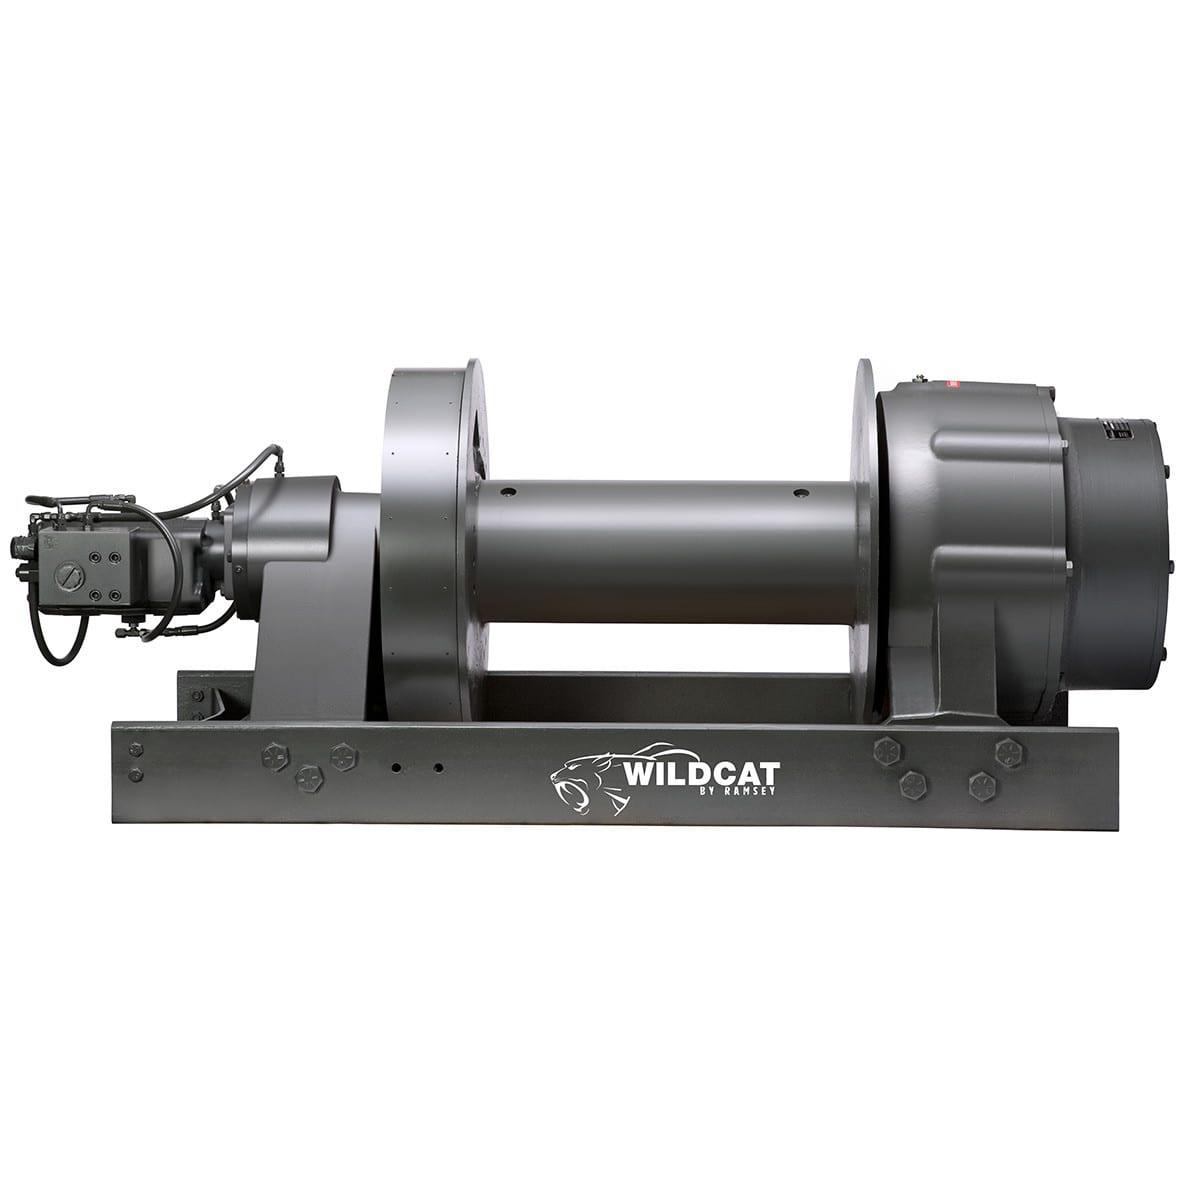 WILDCAT-130K